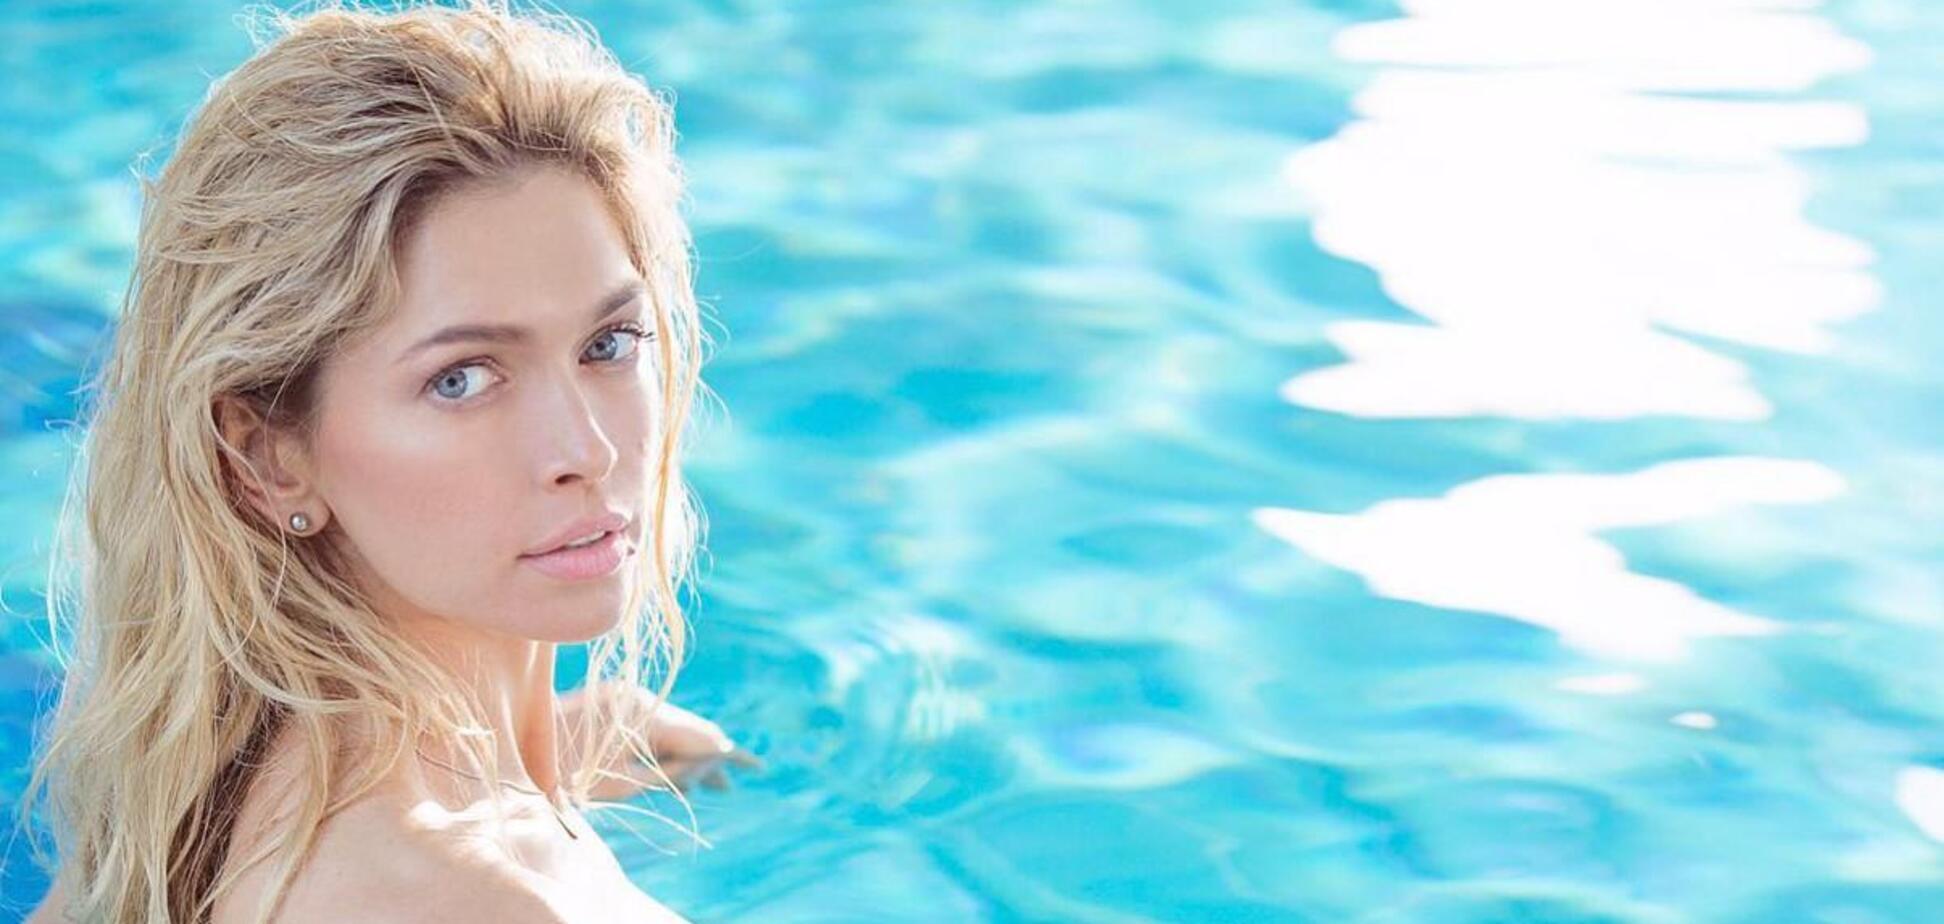 Вера Брежнева в белоснежном купальнике и с яркой помадой восхитила сеть. Фото